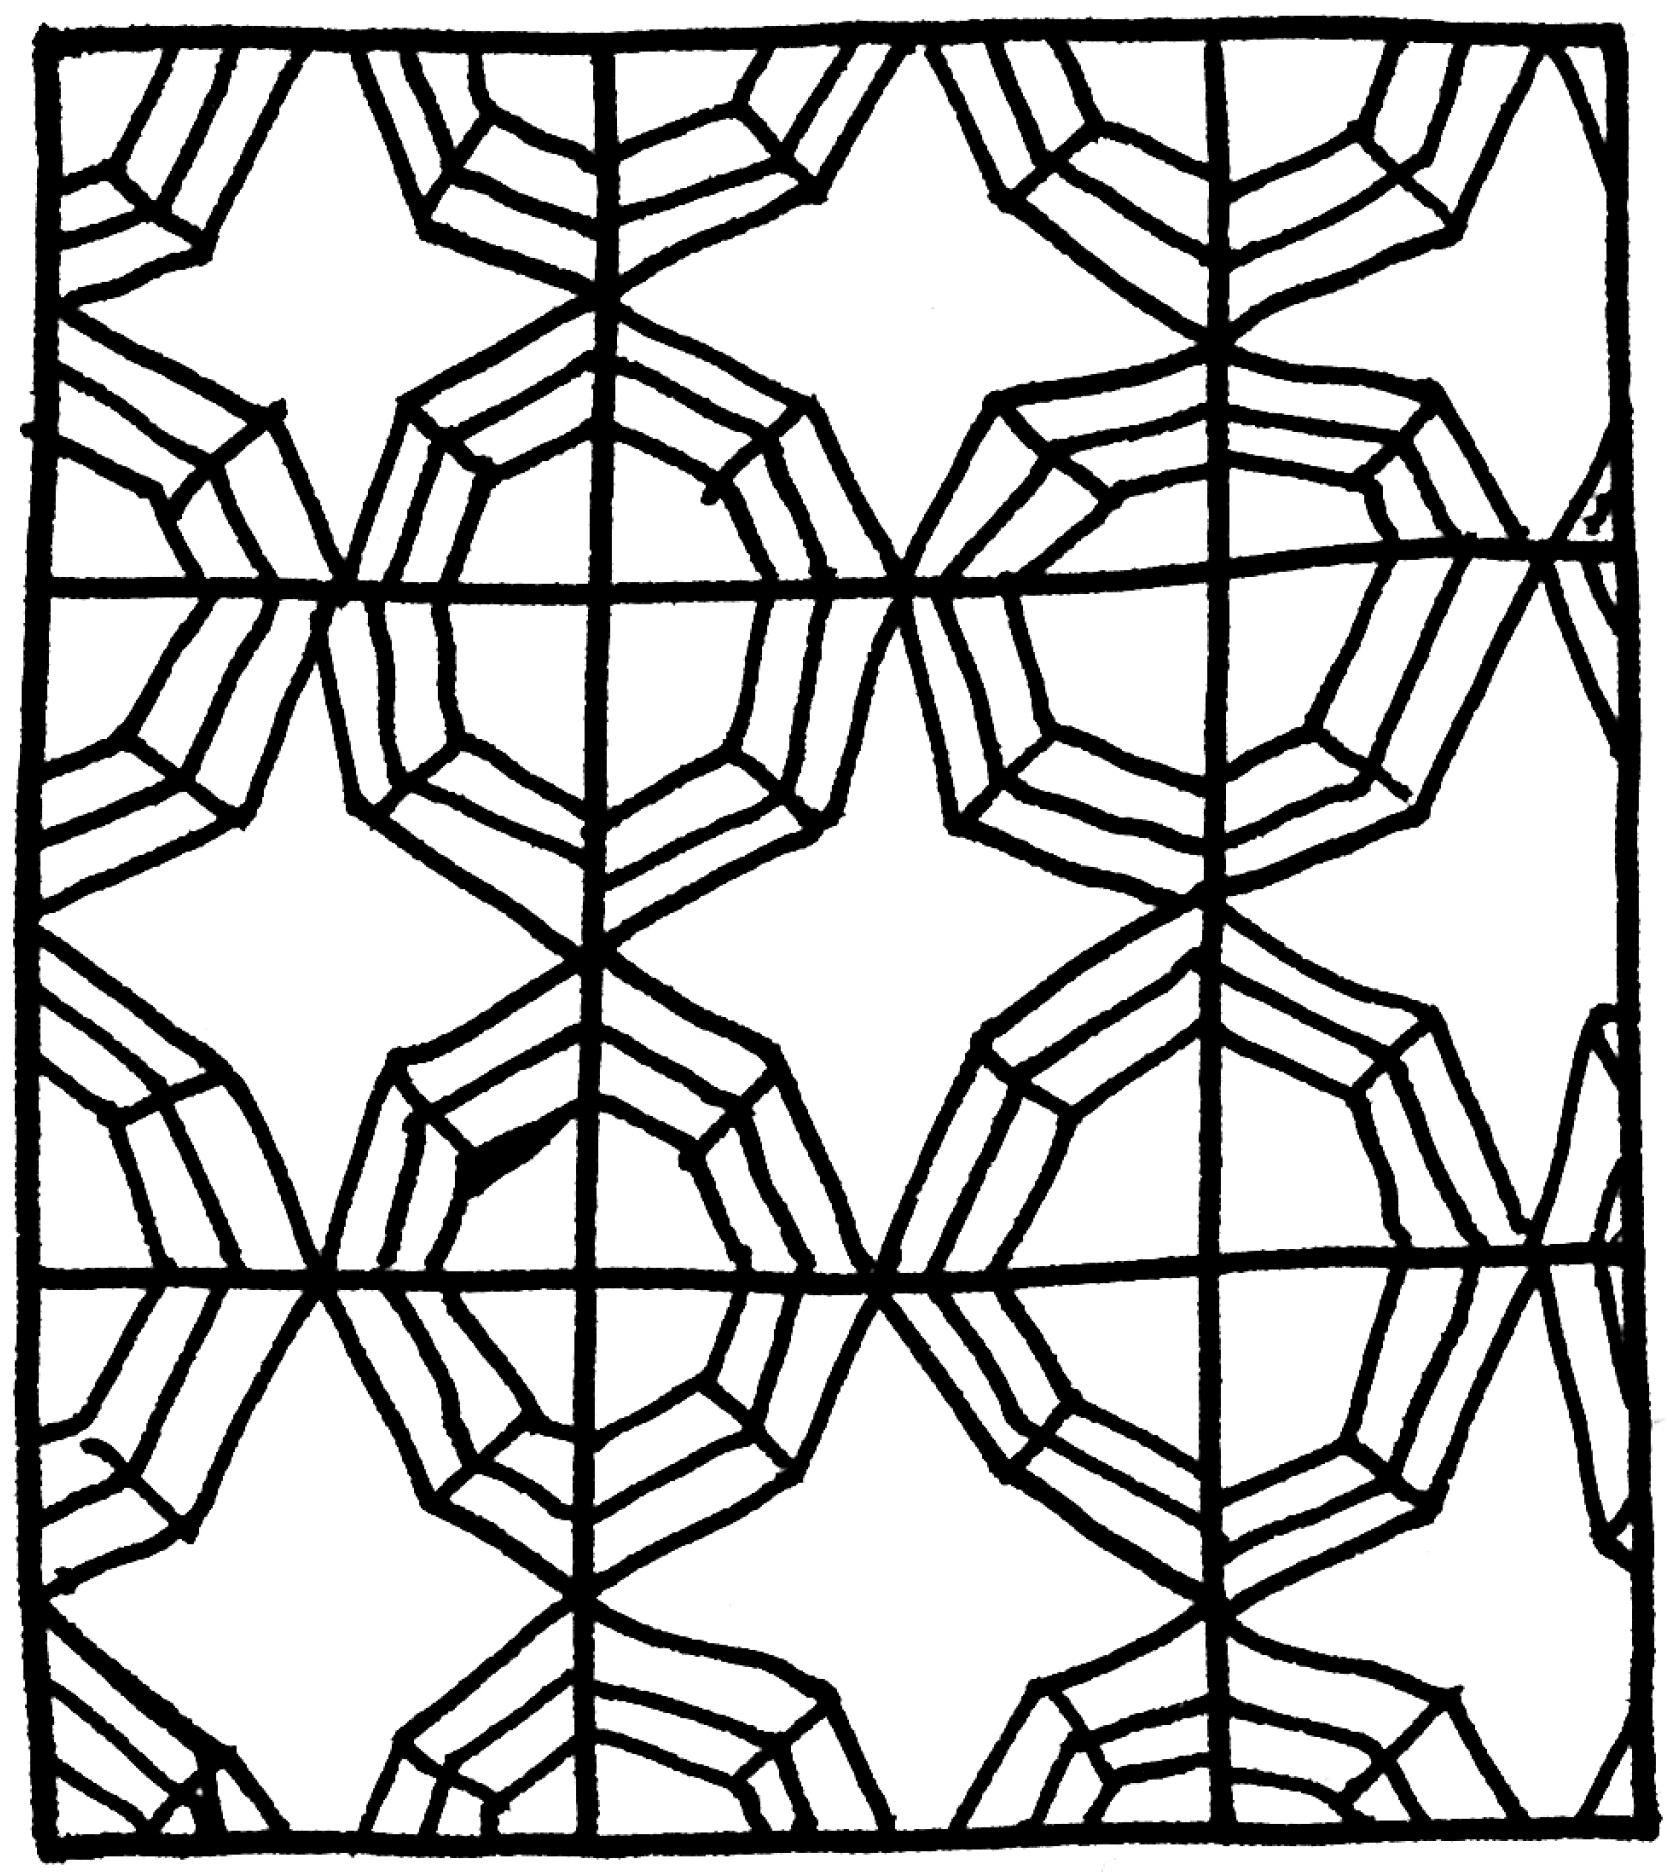 Valencia_patterns15.jpg